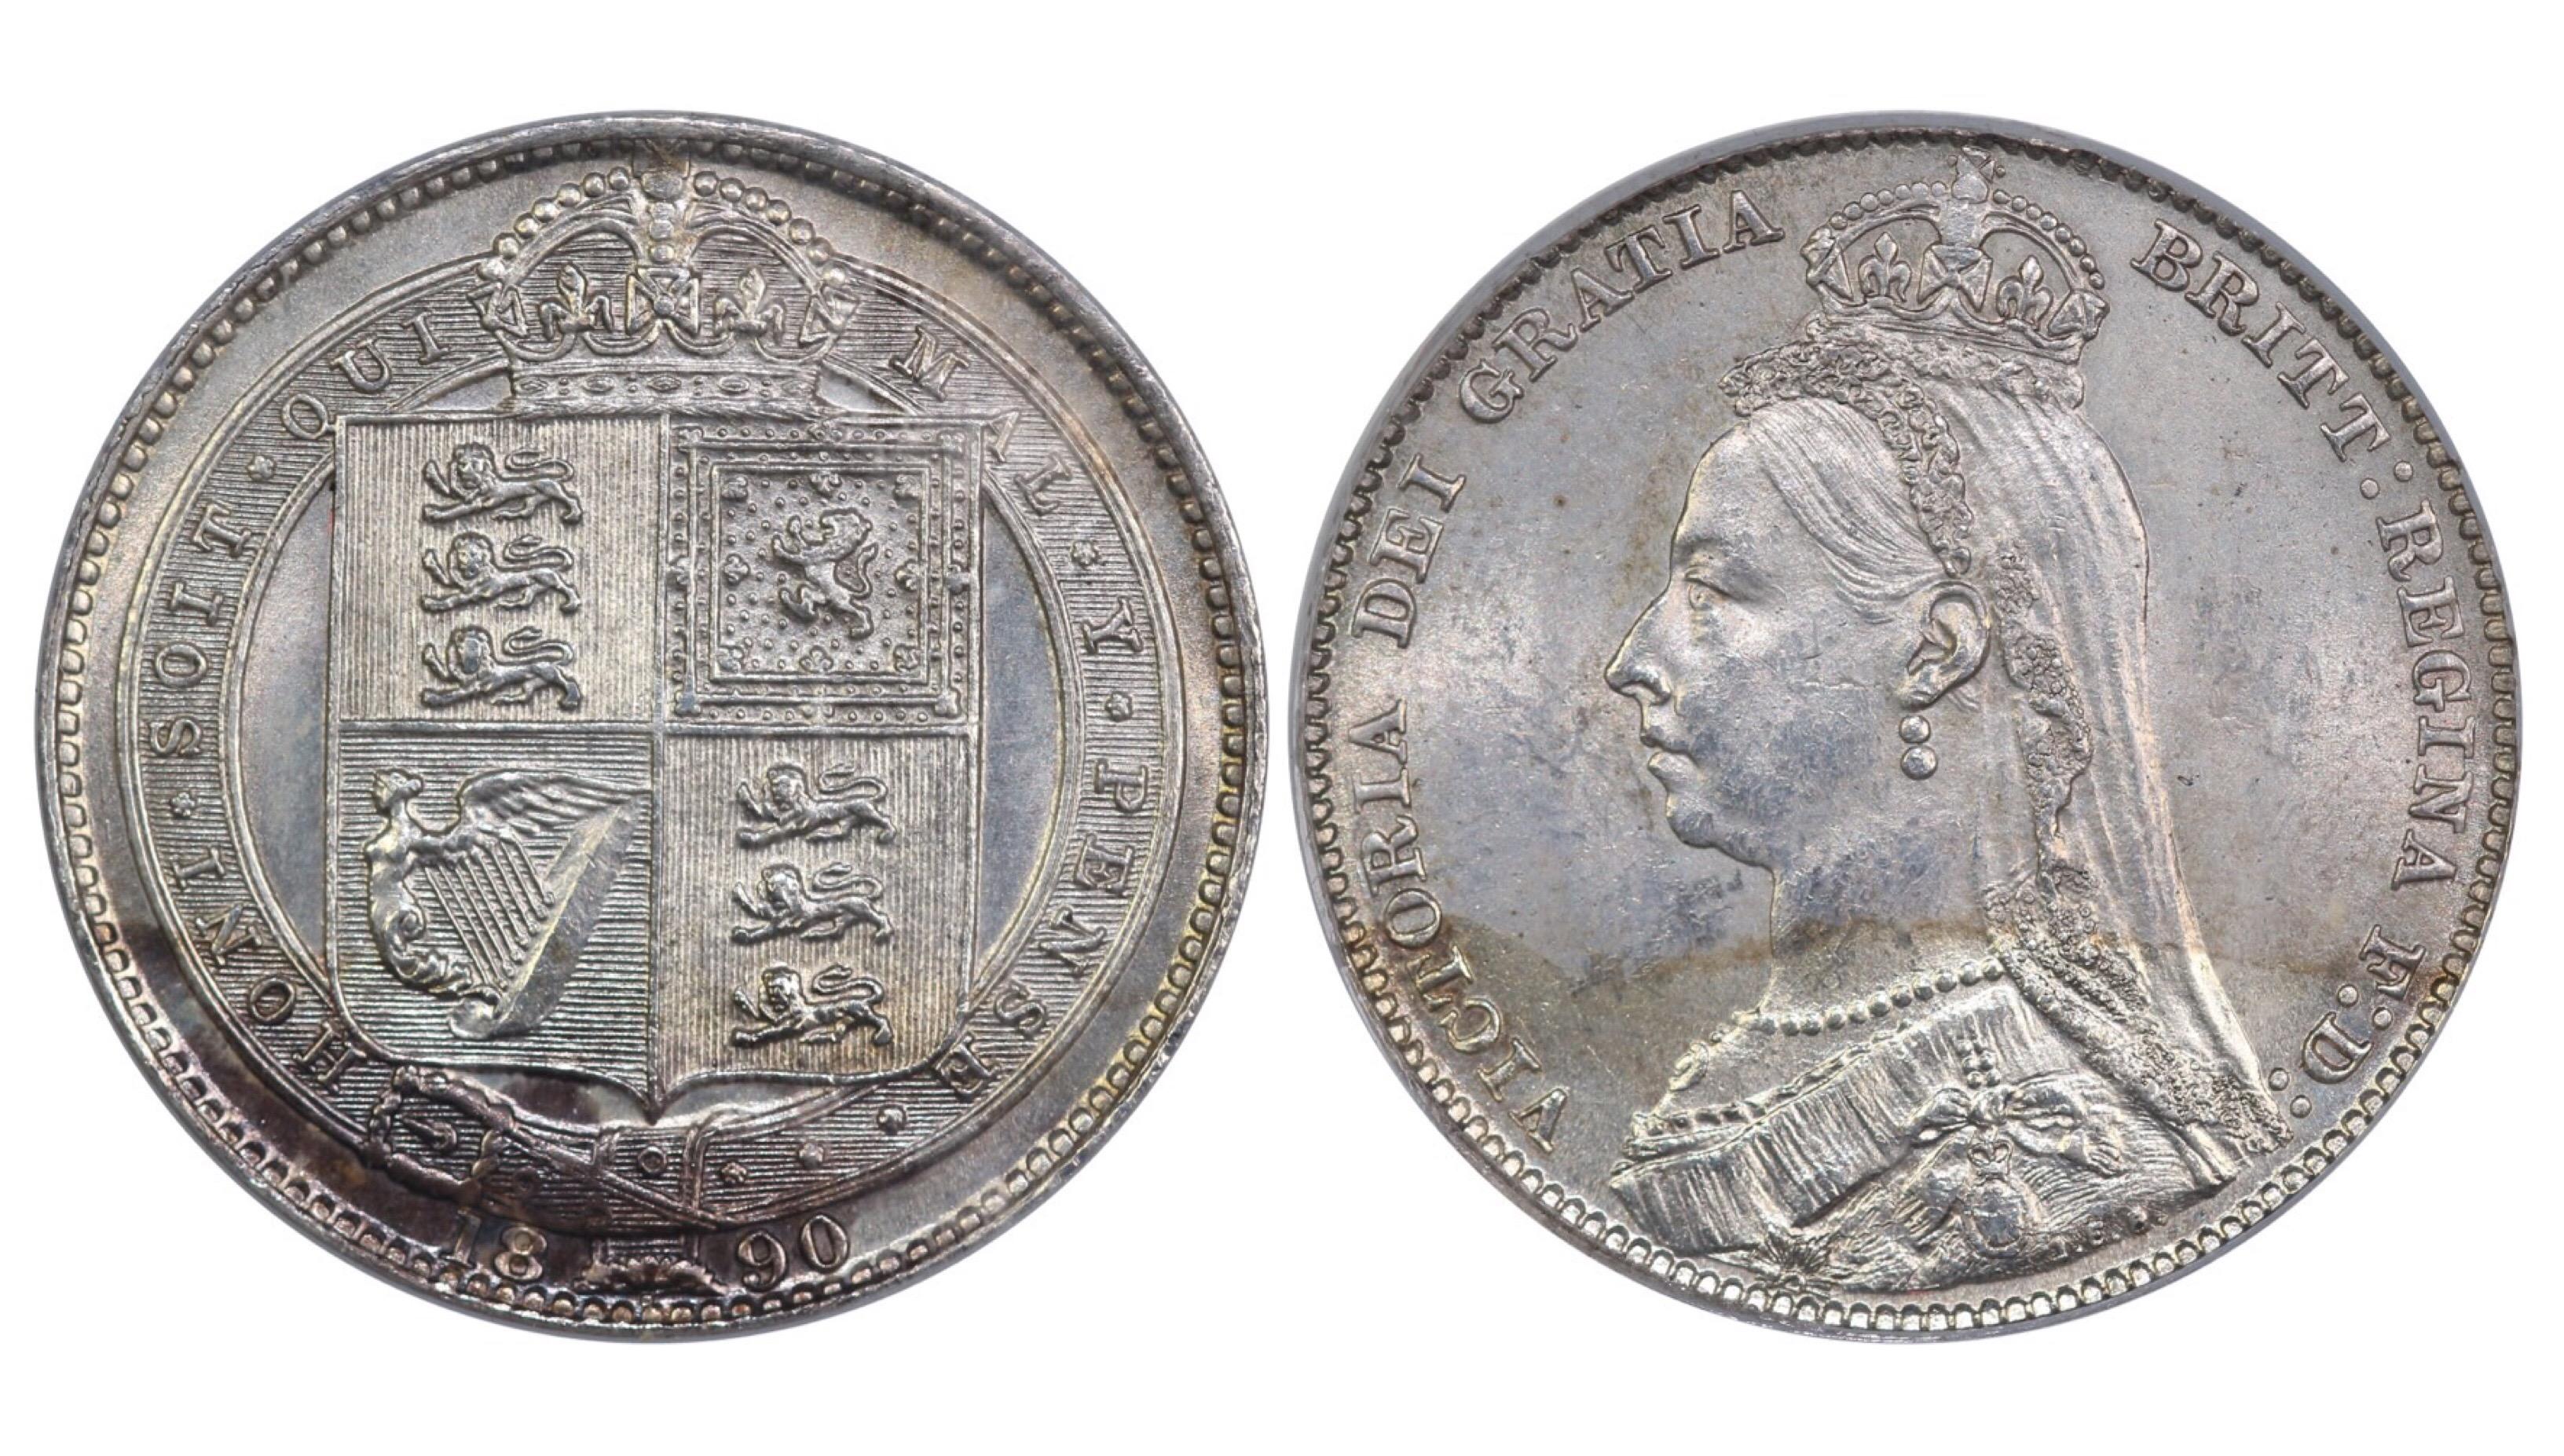 1890 Shilling, CGS 75, Victoria, ESC 1357, UIN 26718